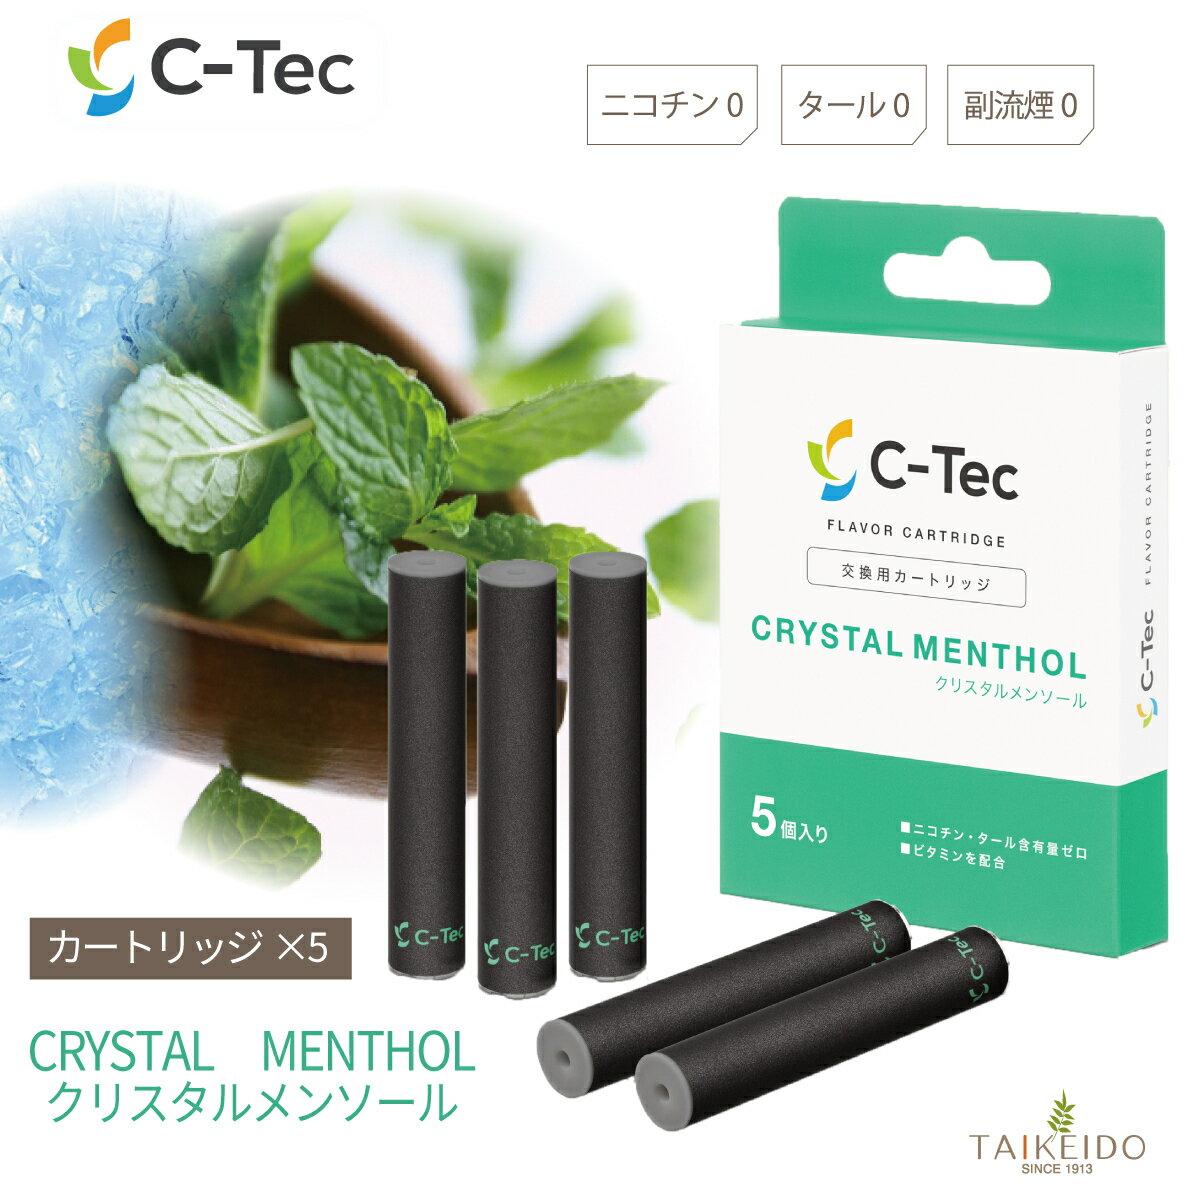 シーテックデュオ カートリッジ 交換用 クリスタルメンソール 電子タバコ 送料無料 c-tec duo ニコチン0 タール0 副流煙0 ビタミン成分配合 vape ベイプ